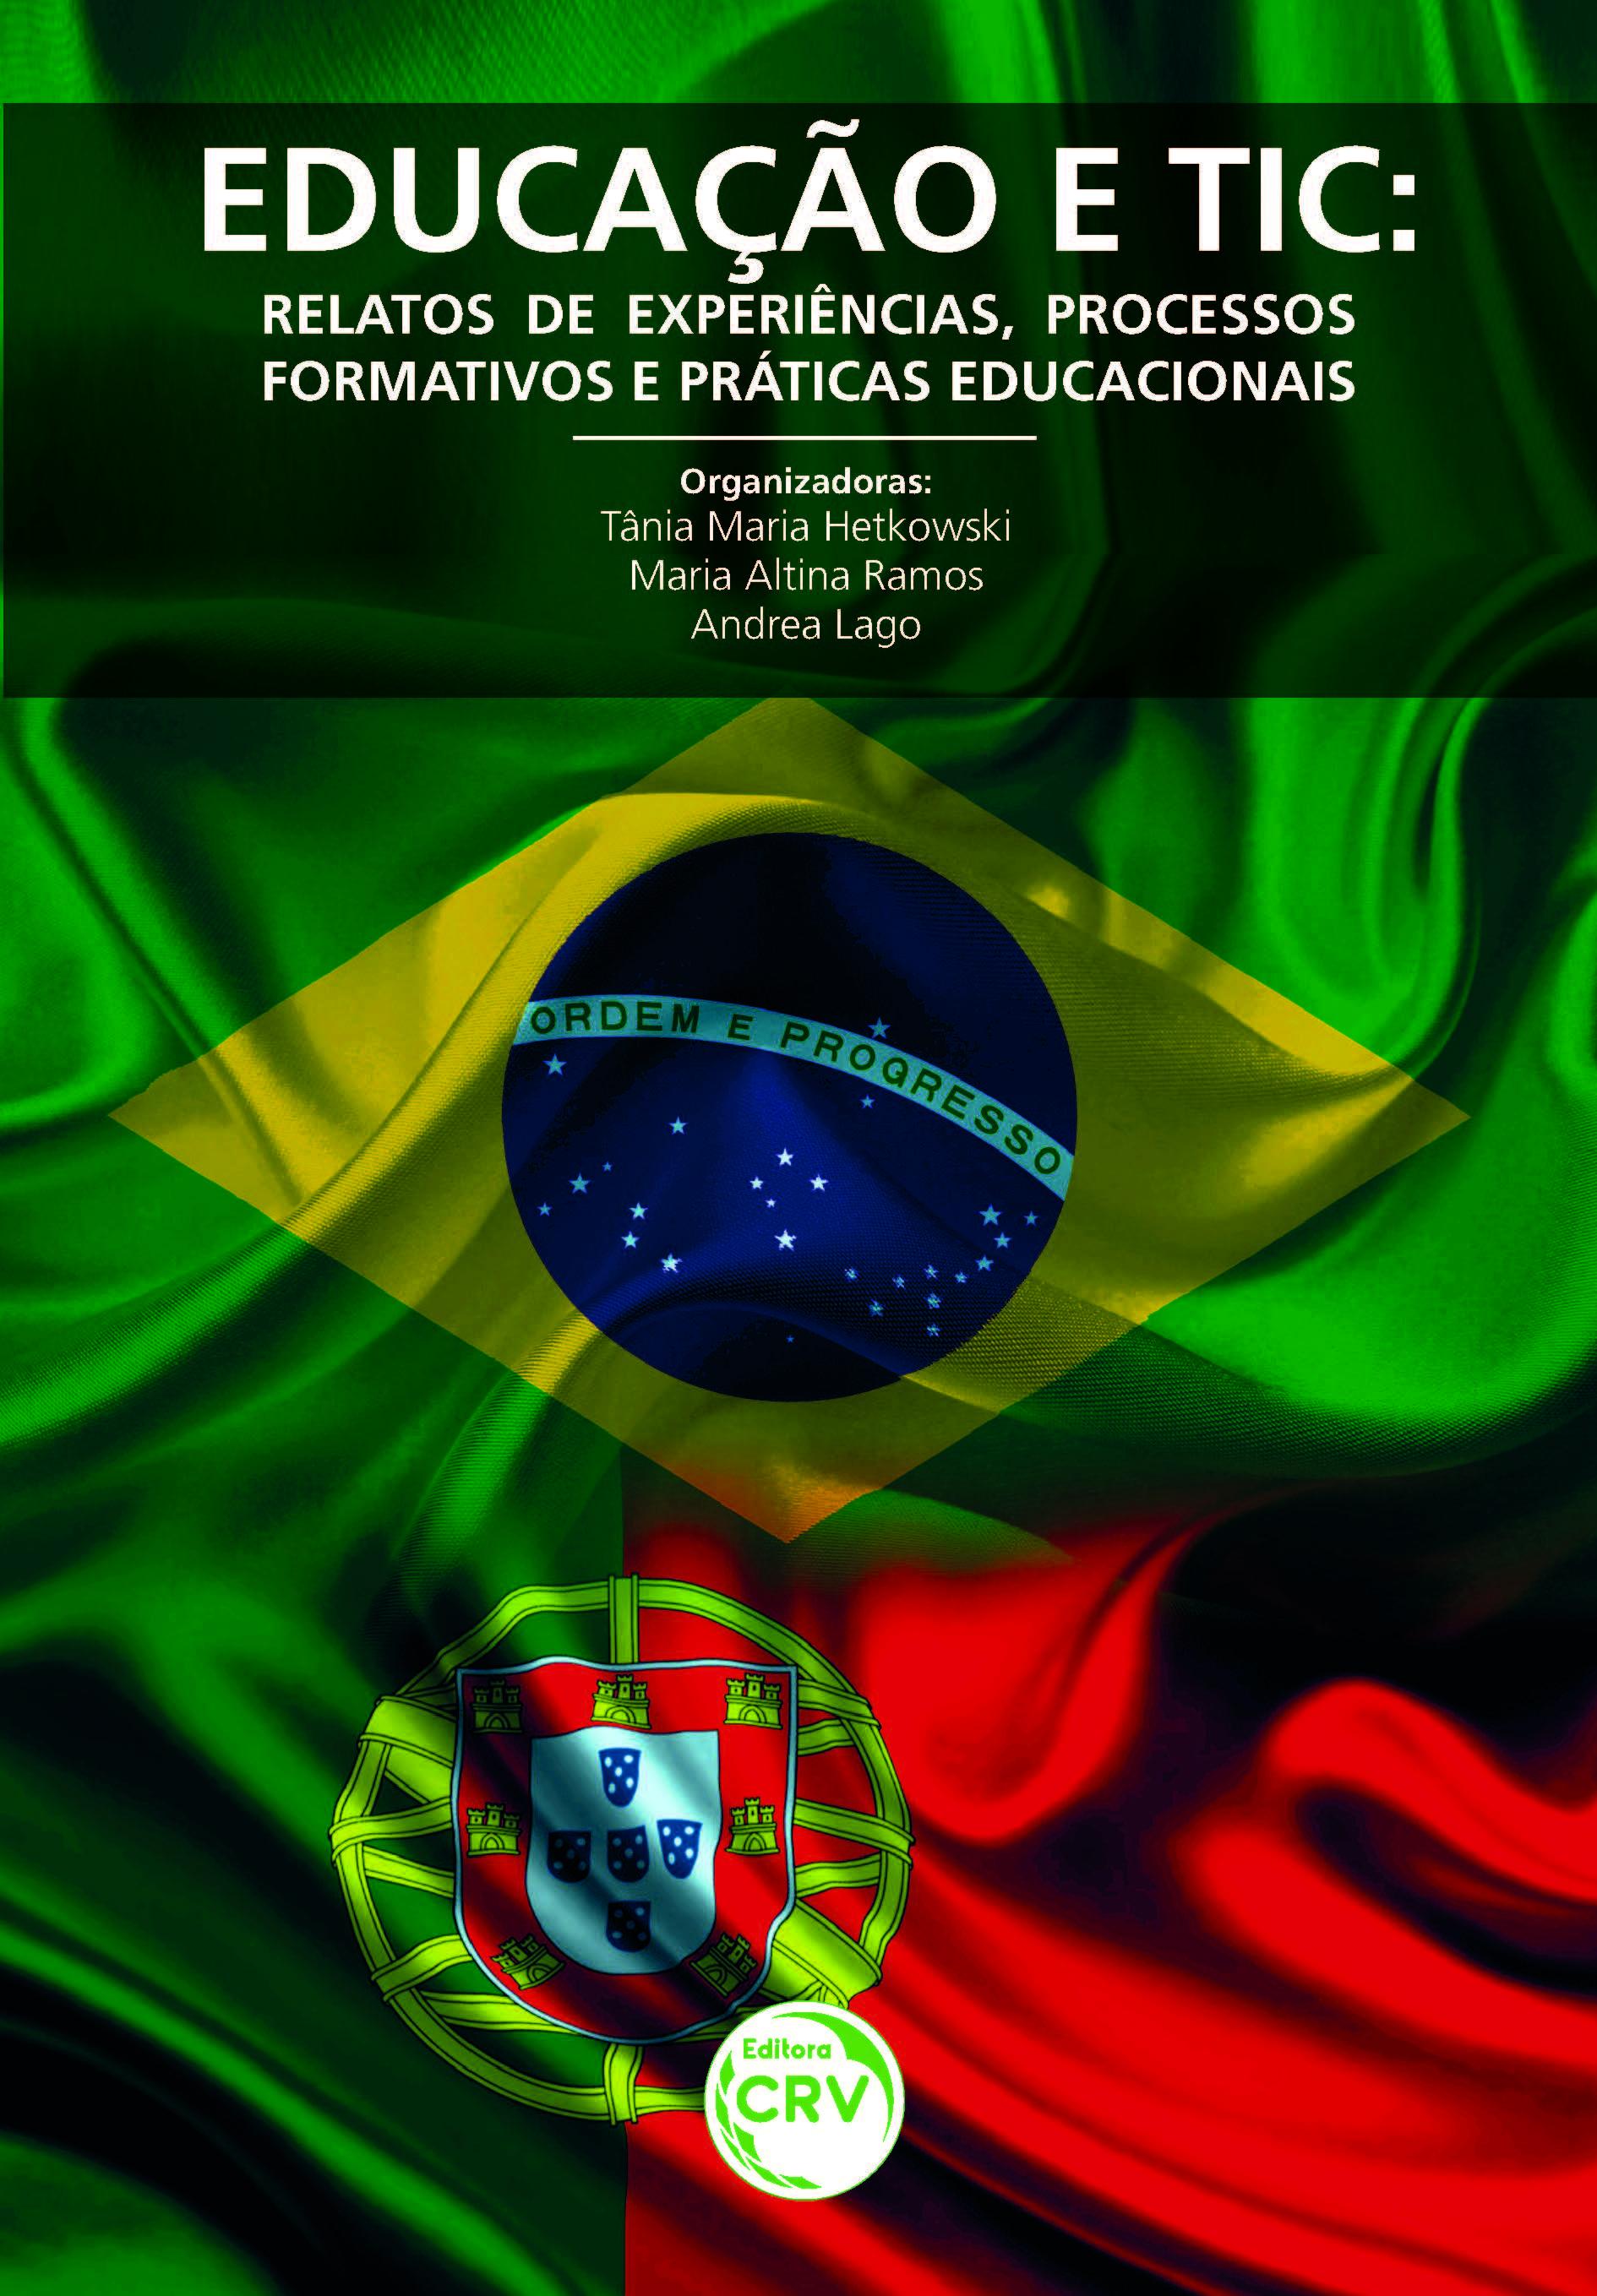 Capa do livro: EDUCAÇÃO E TIC:<br>relatos de experiências, processos formativos e práticas educacionais